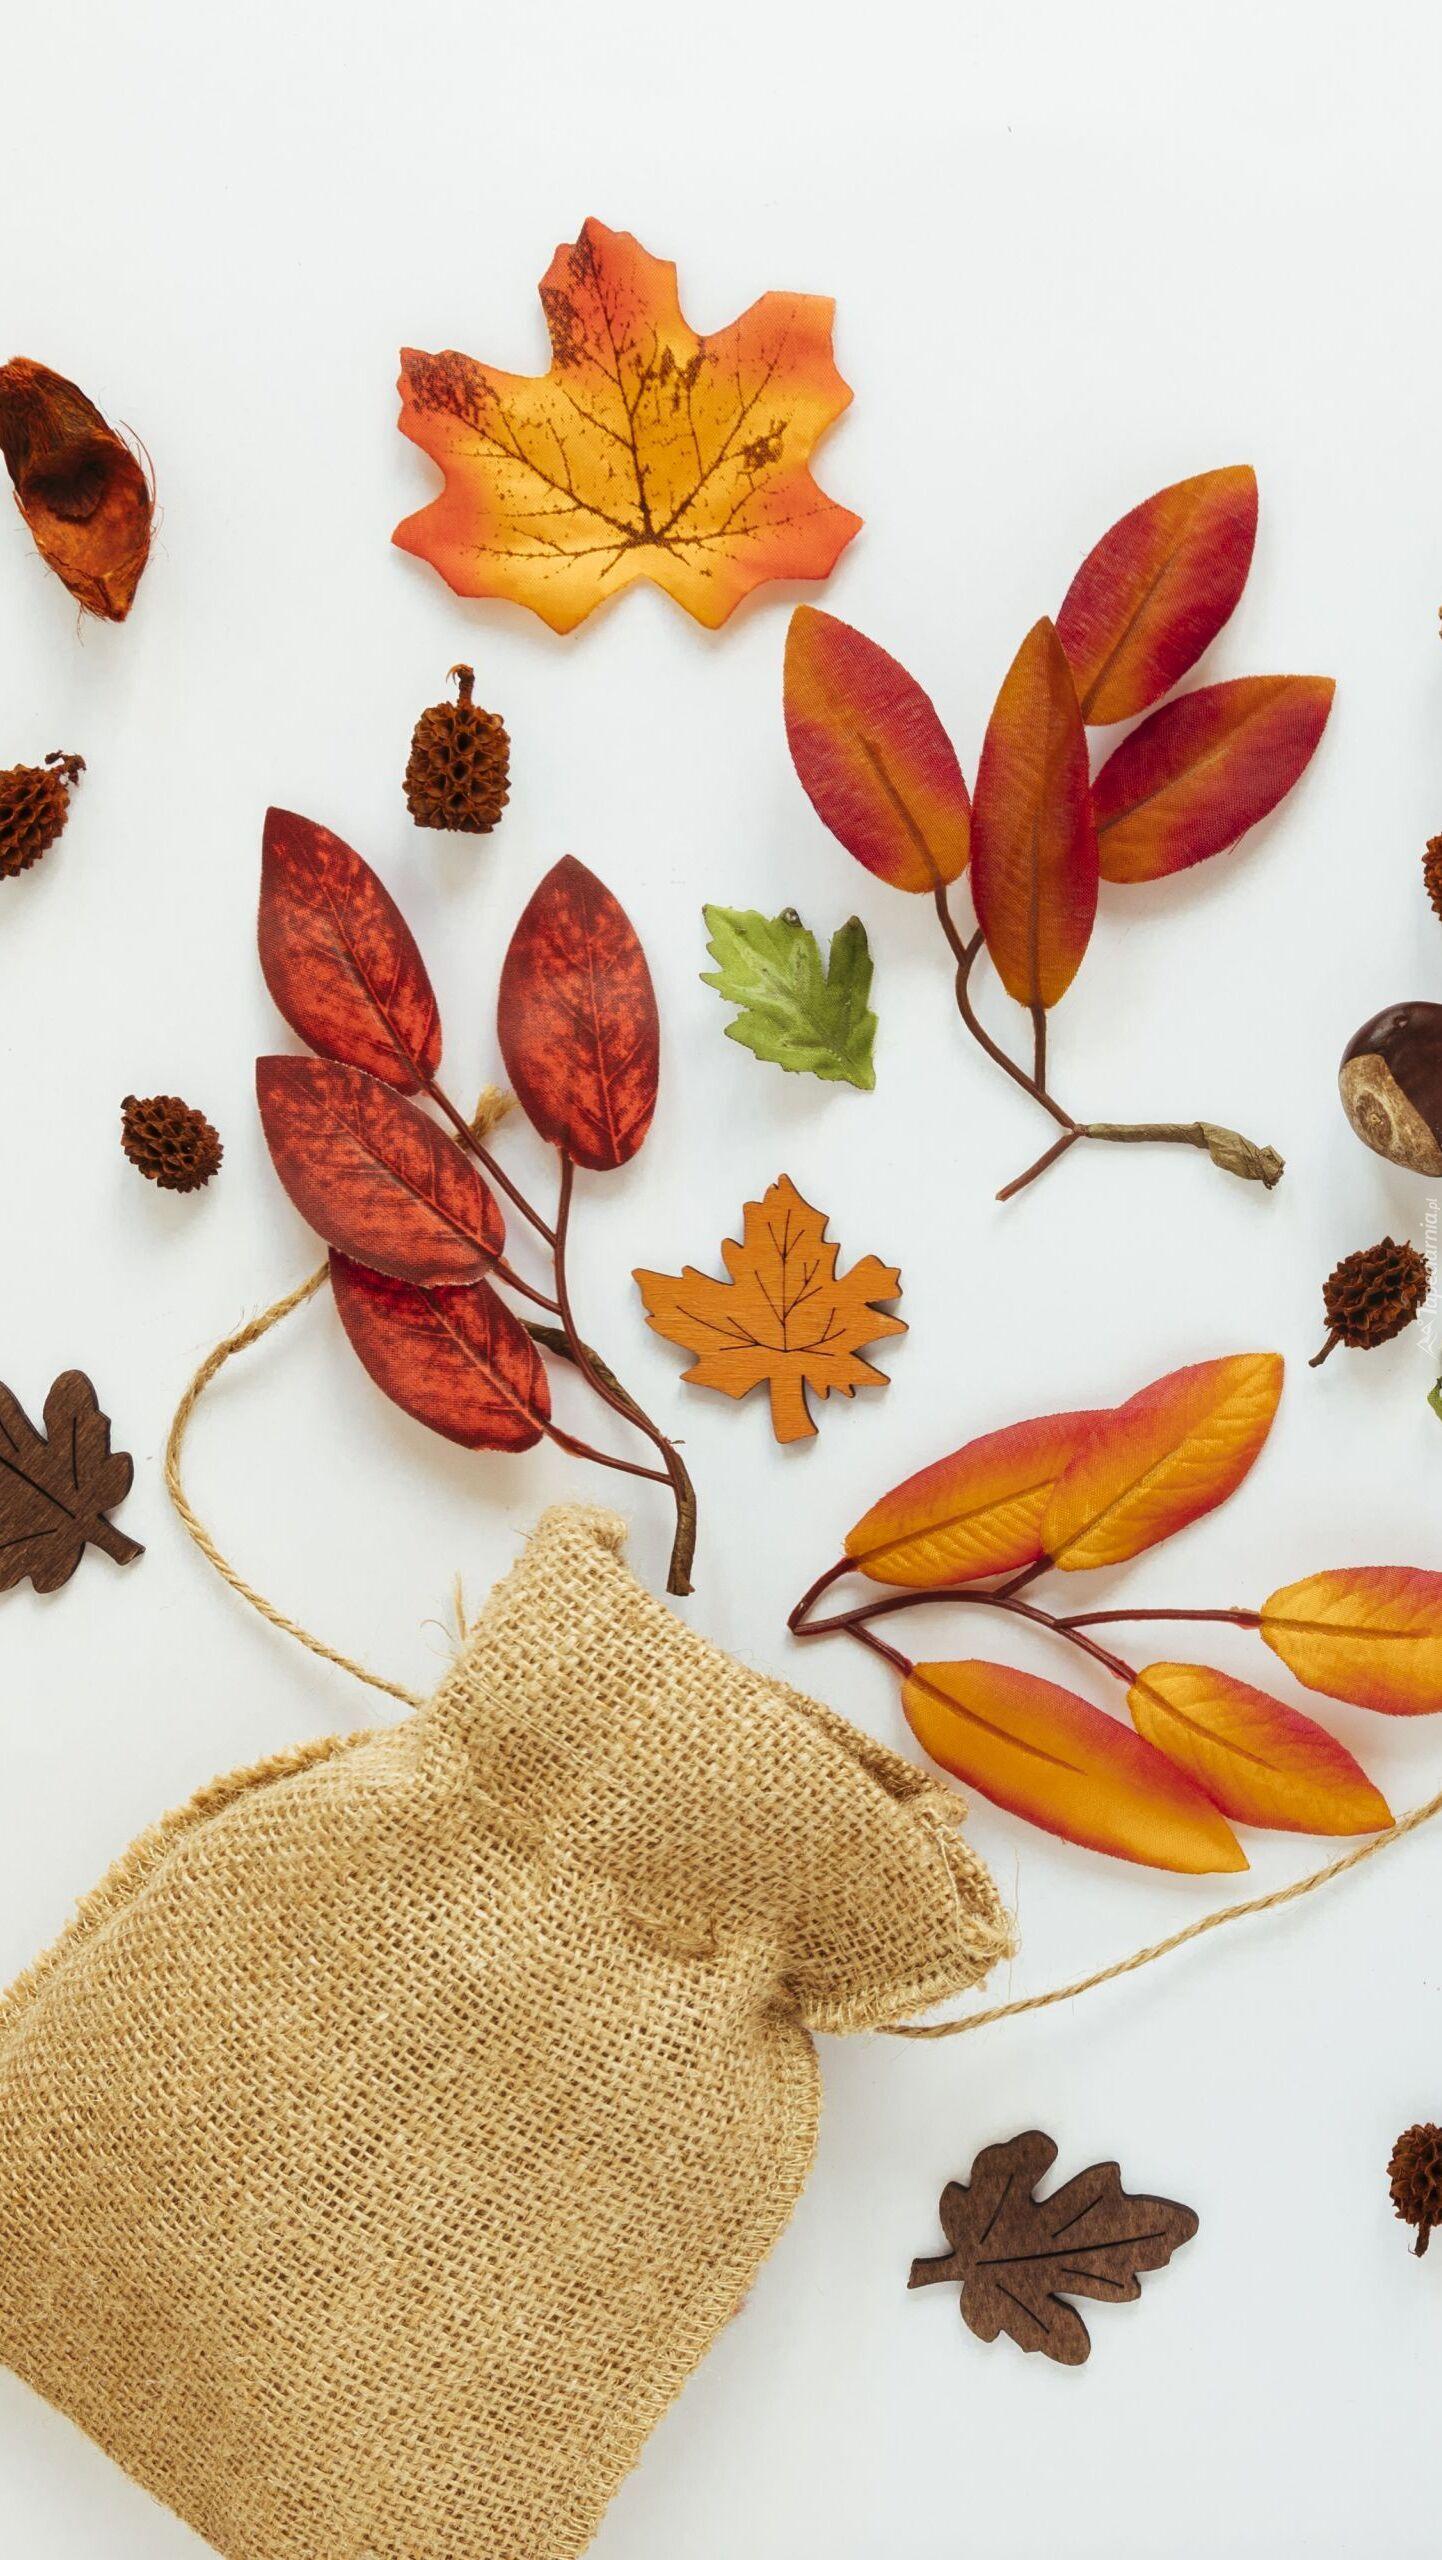 Jesienne liście obok woreczka